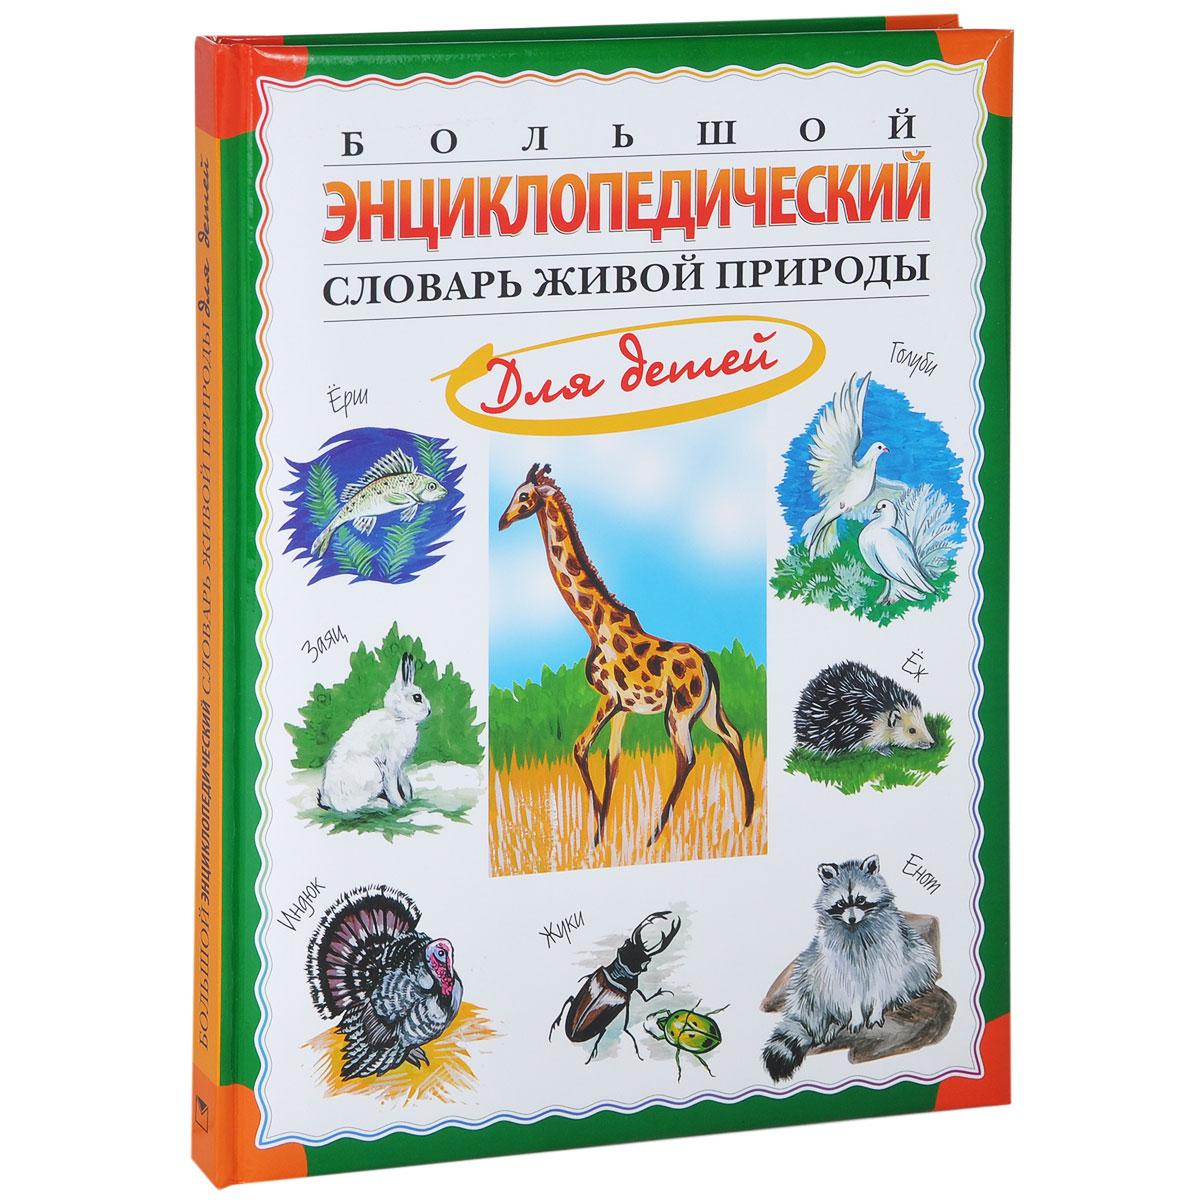 Большой энциклопедический словарь живой природы для детей, Н. Н. Непомнящий